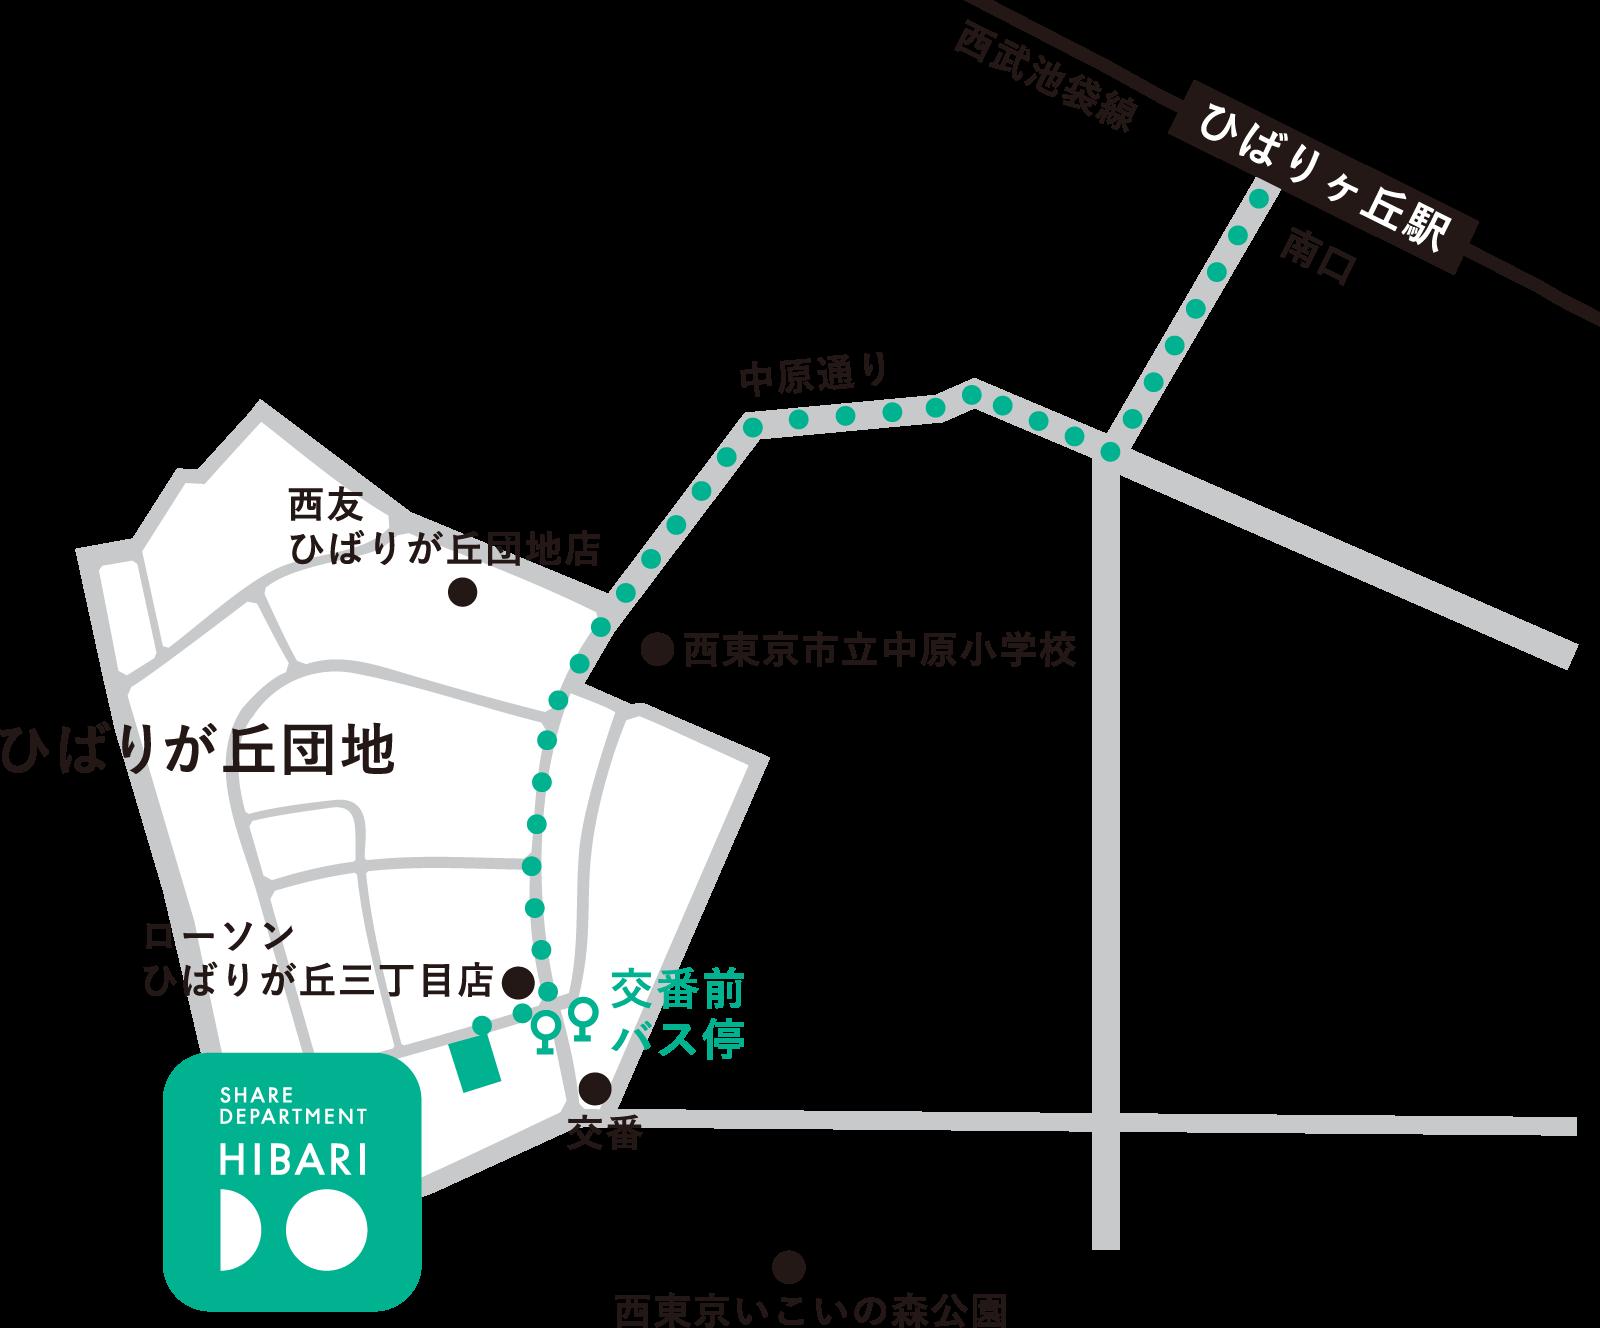 HIBARIDOレイアウト図